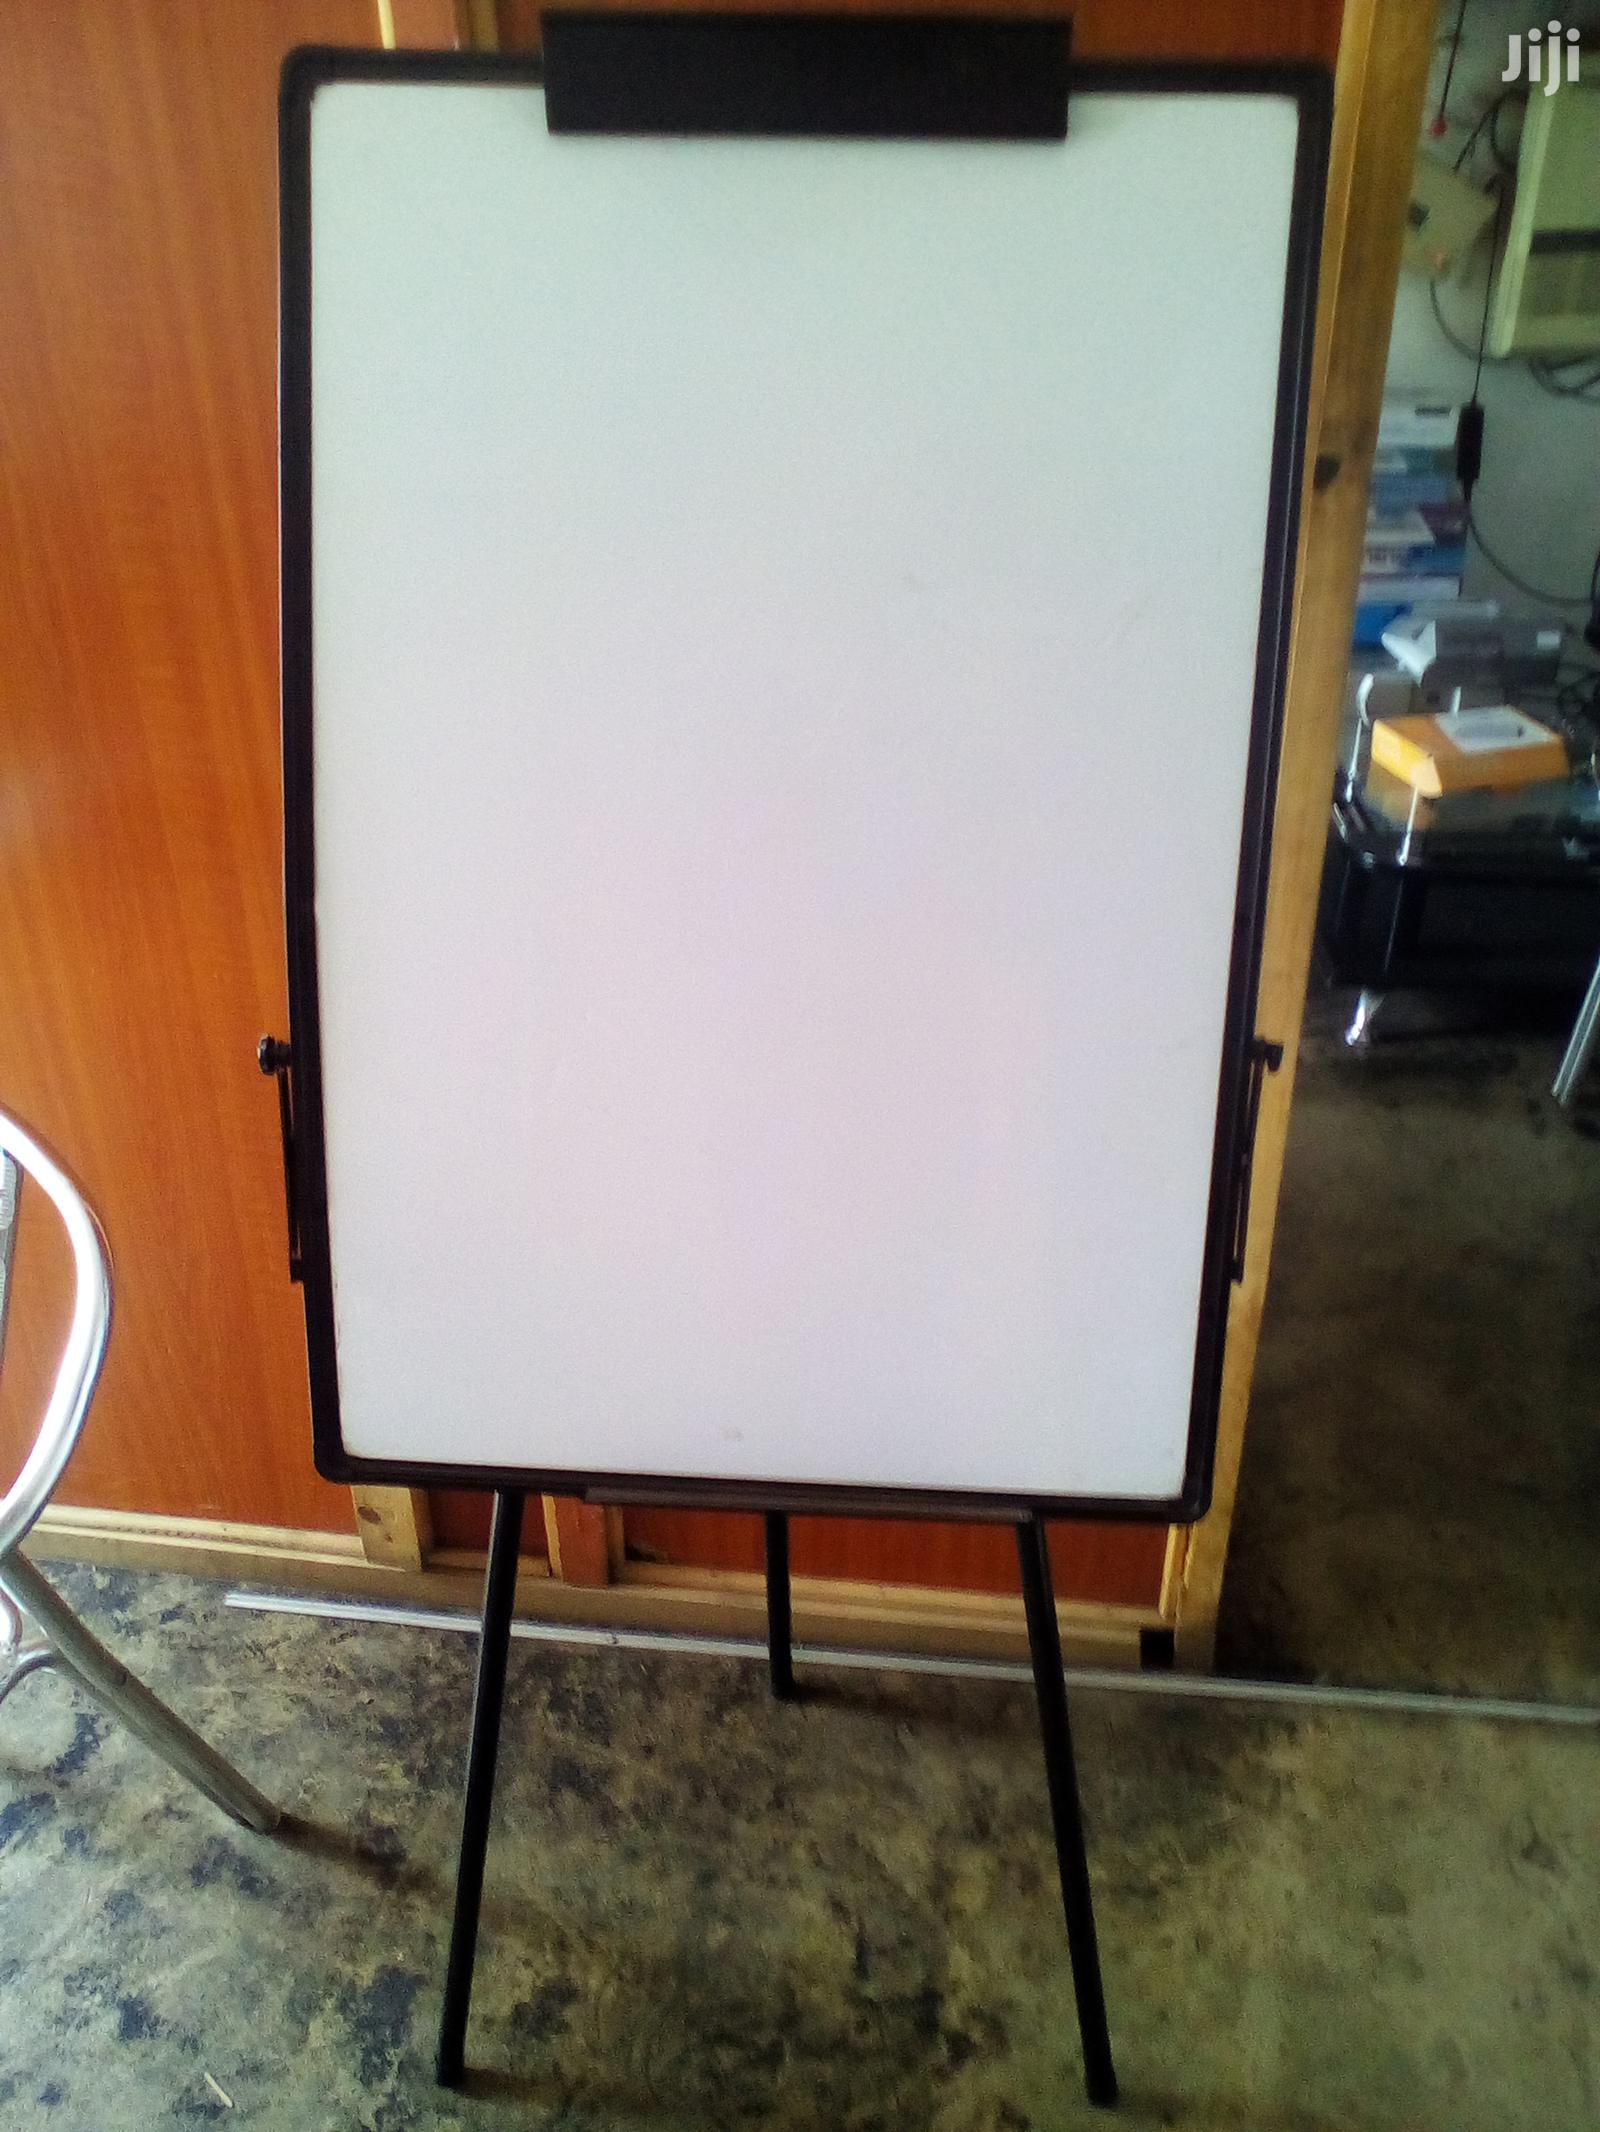 Flipchart Boards